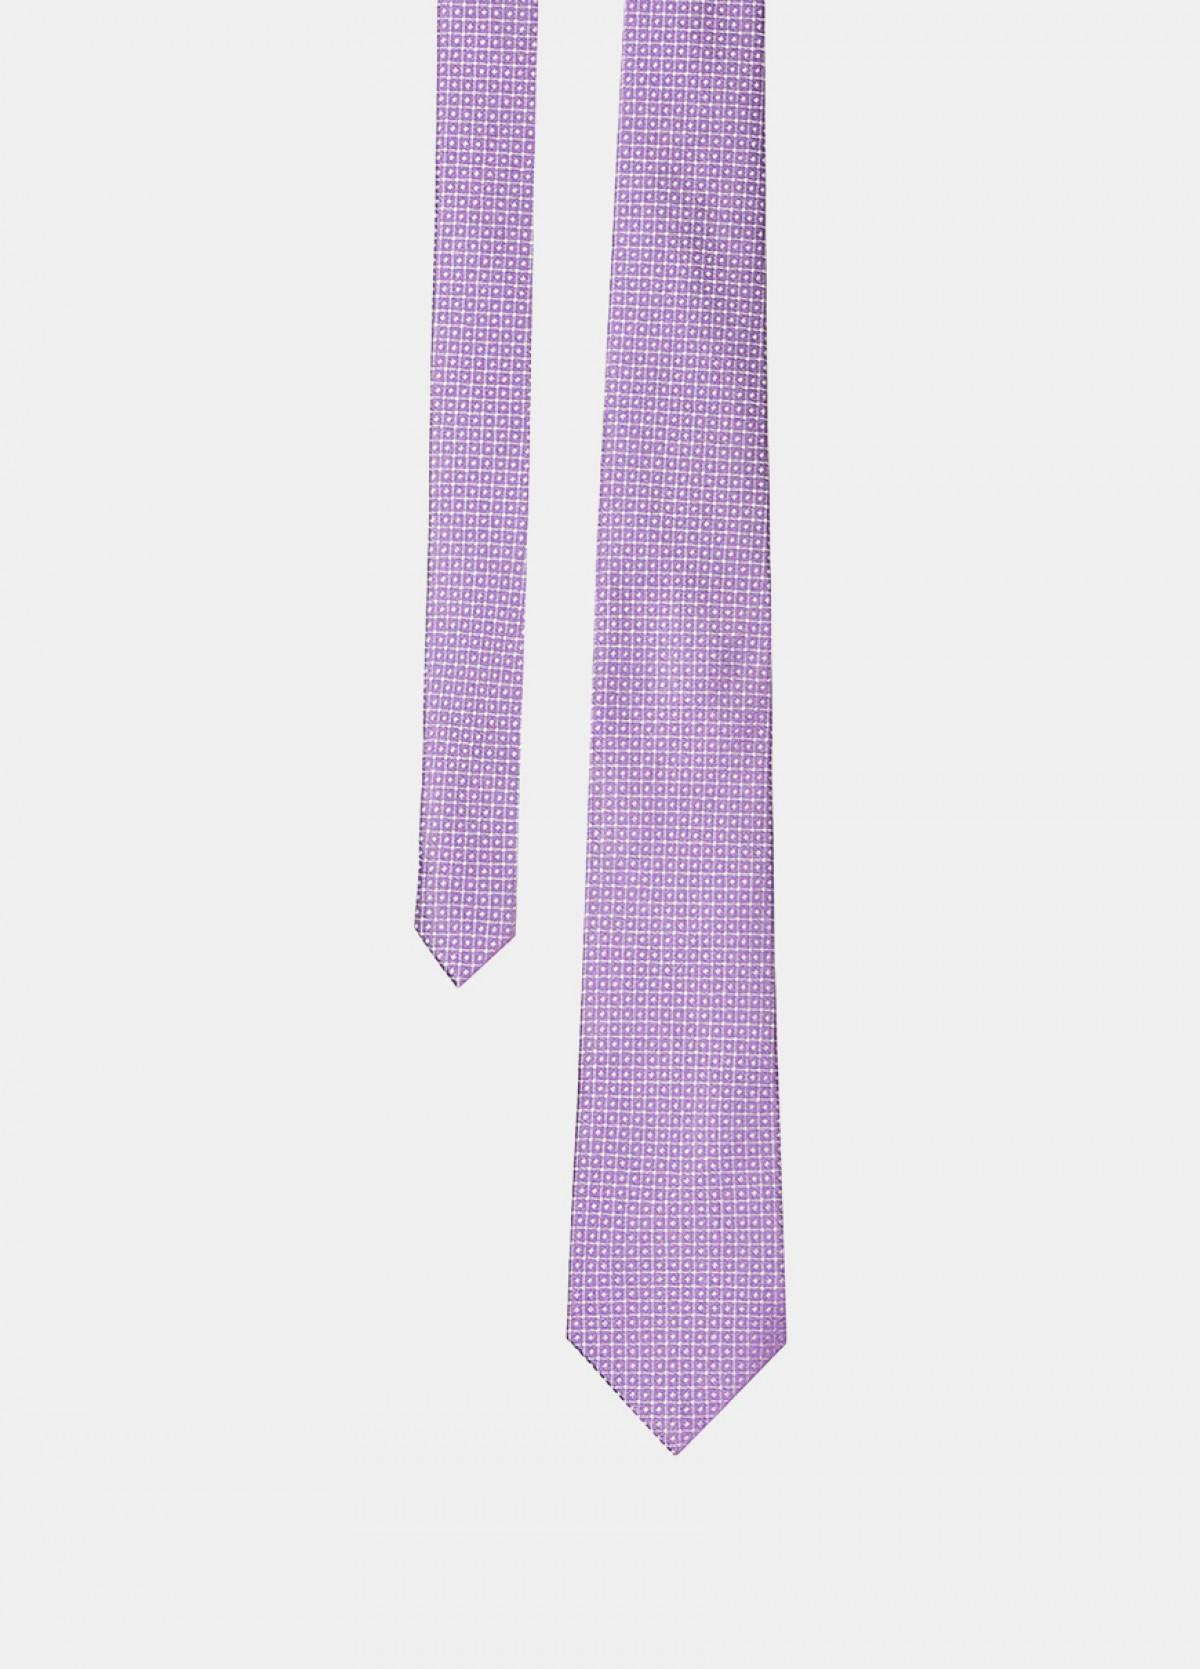 The Purple Mauve Stain Resistant Tie